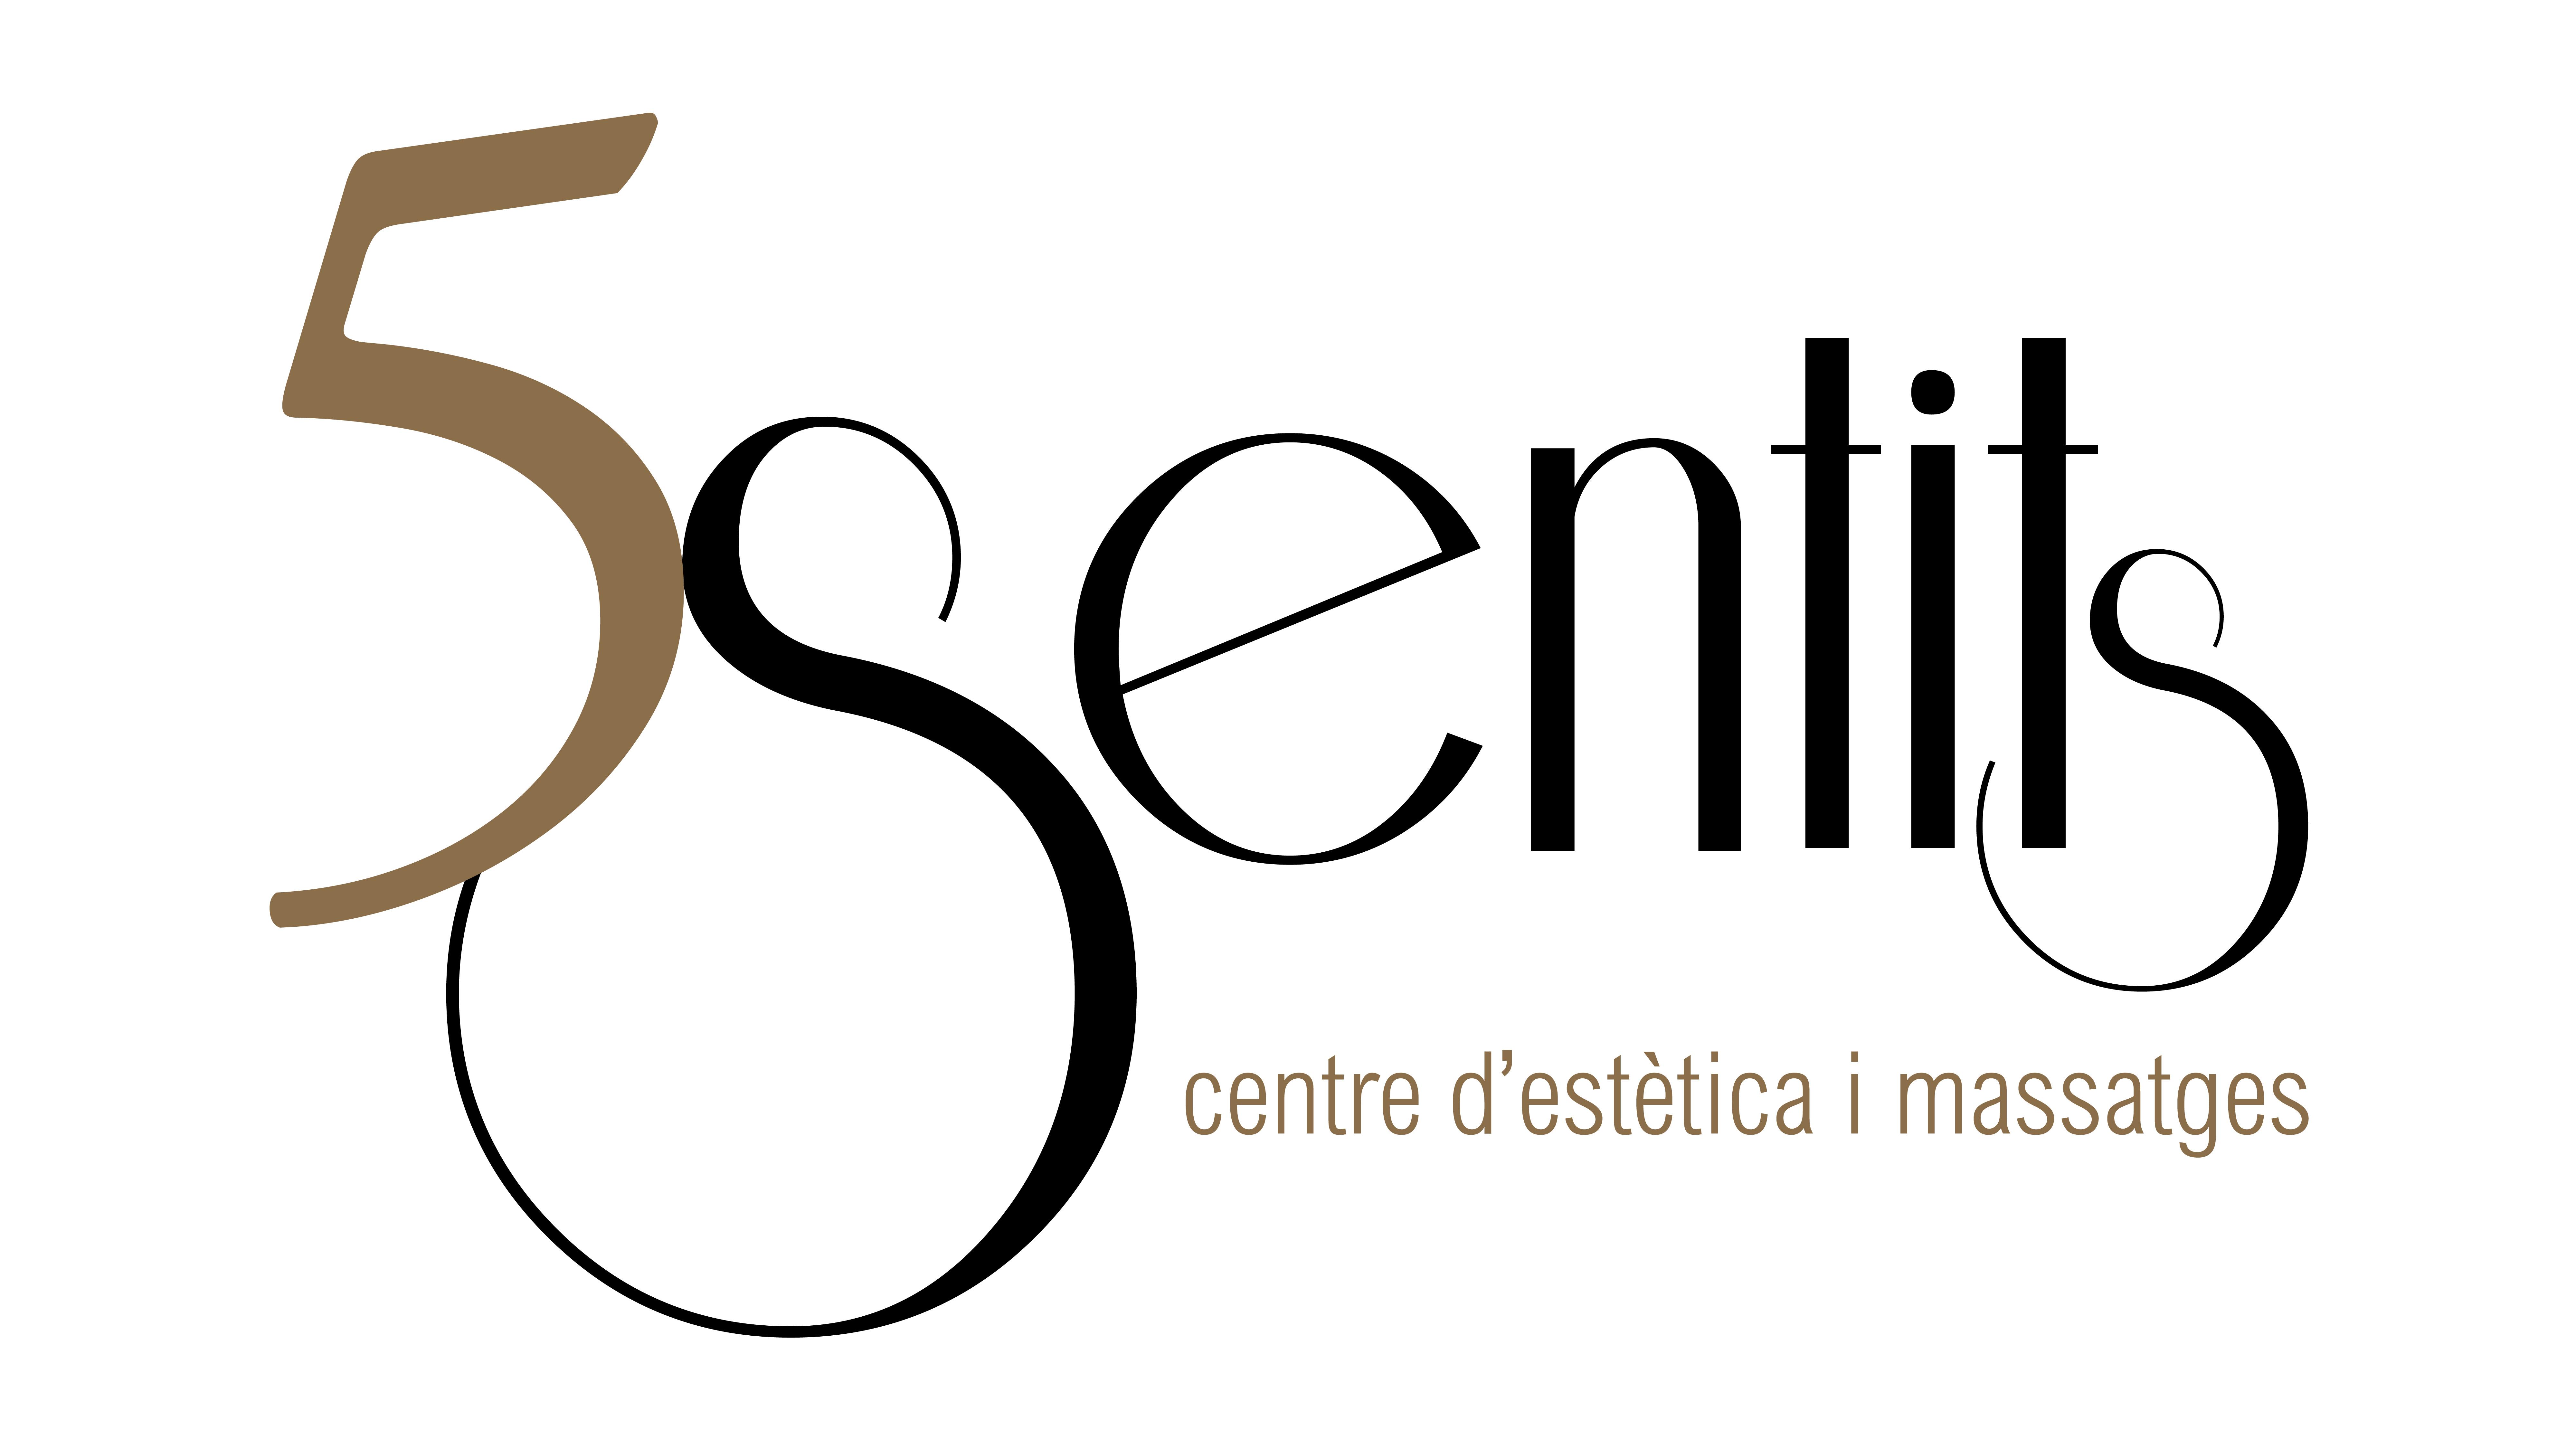 Logo comerç 5 SENTITS CENTRE DE BELLESA